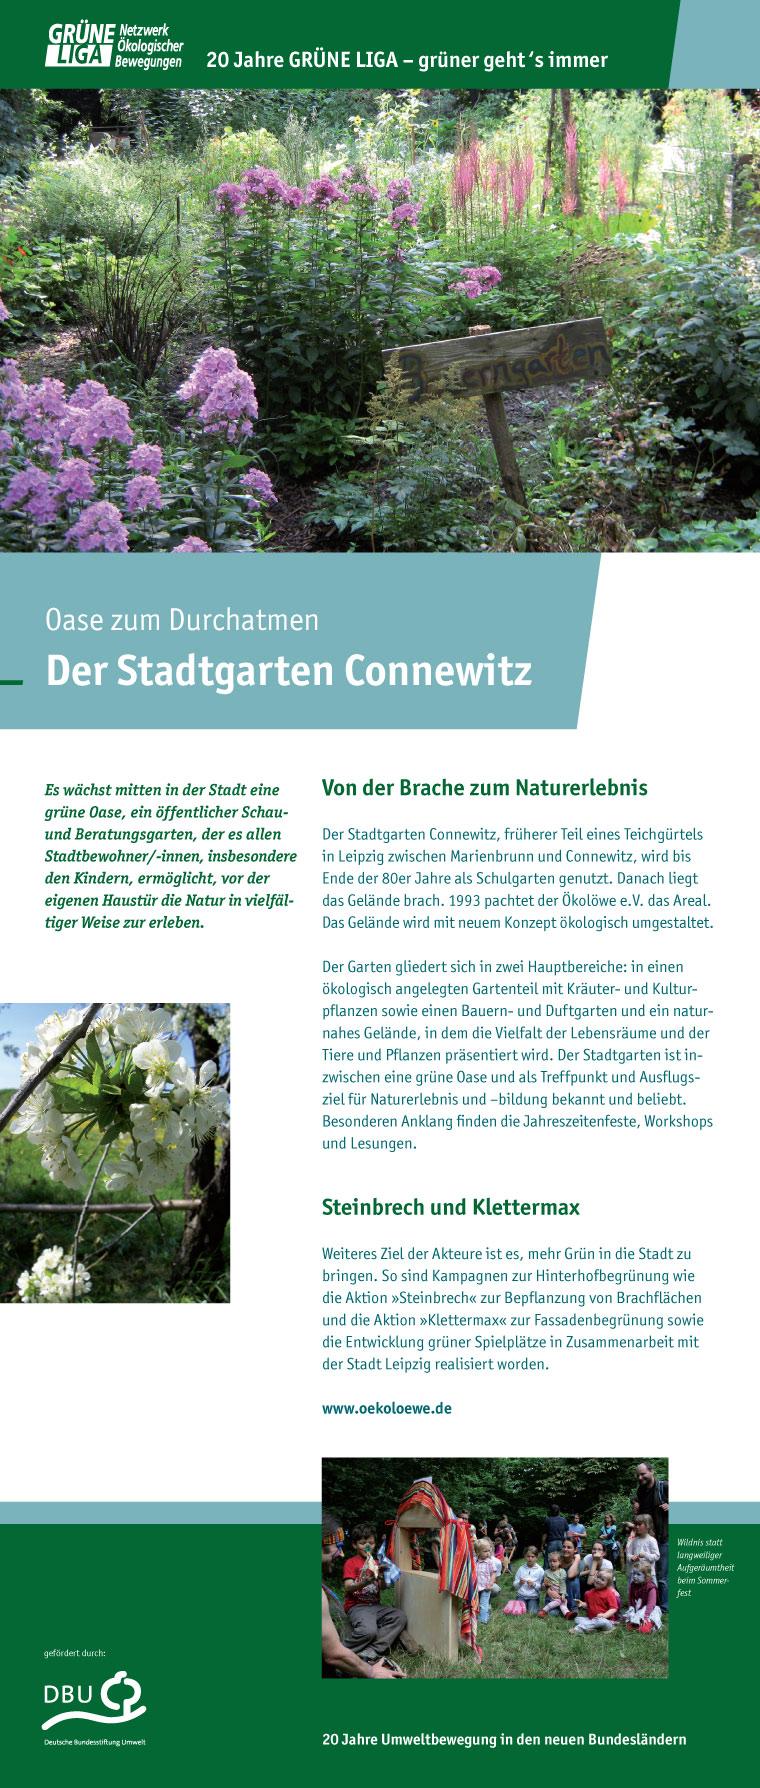 Oase zum Durchatmen - Der Stadtgarten Connewitz